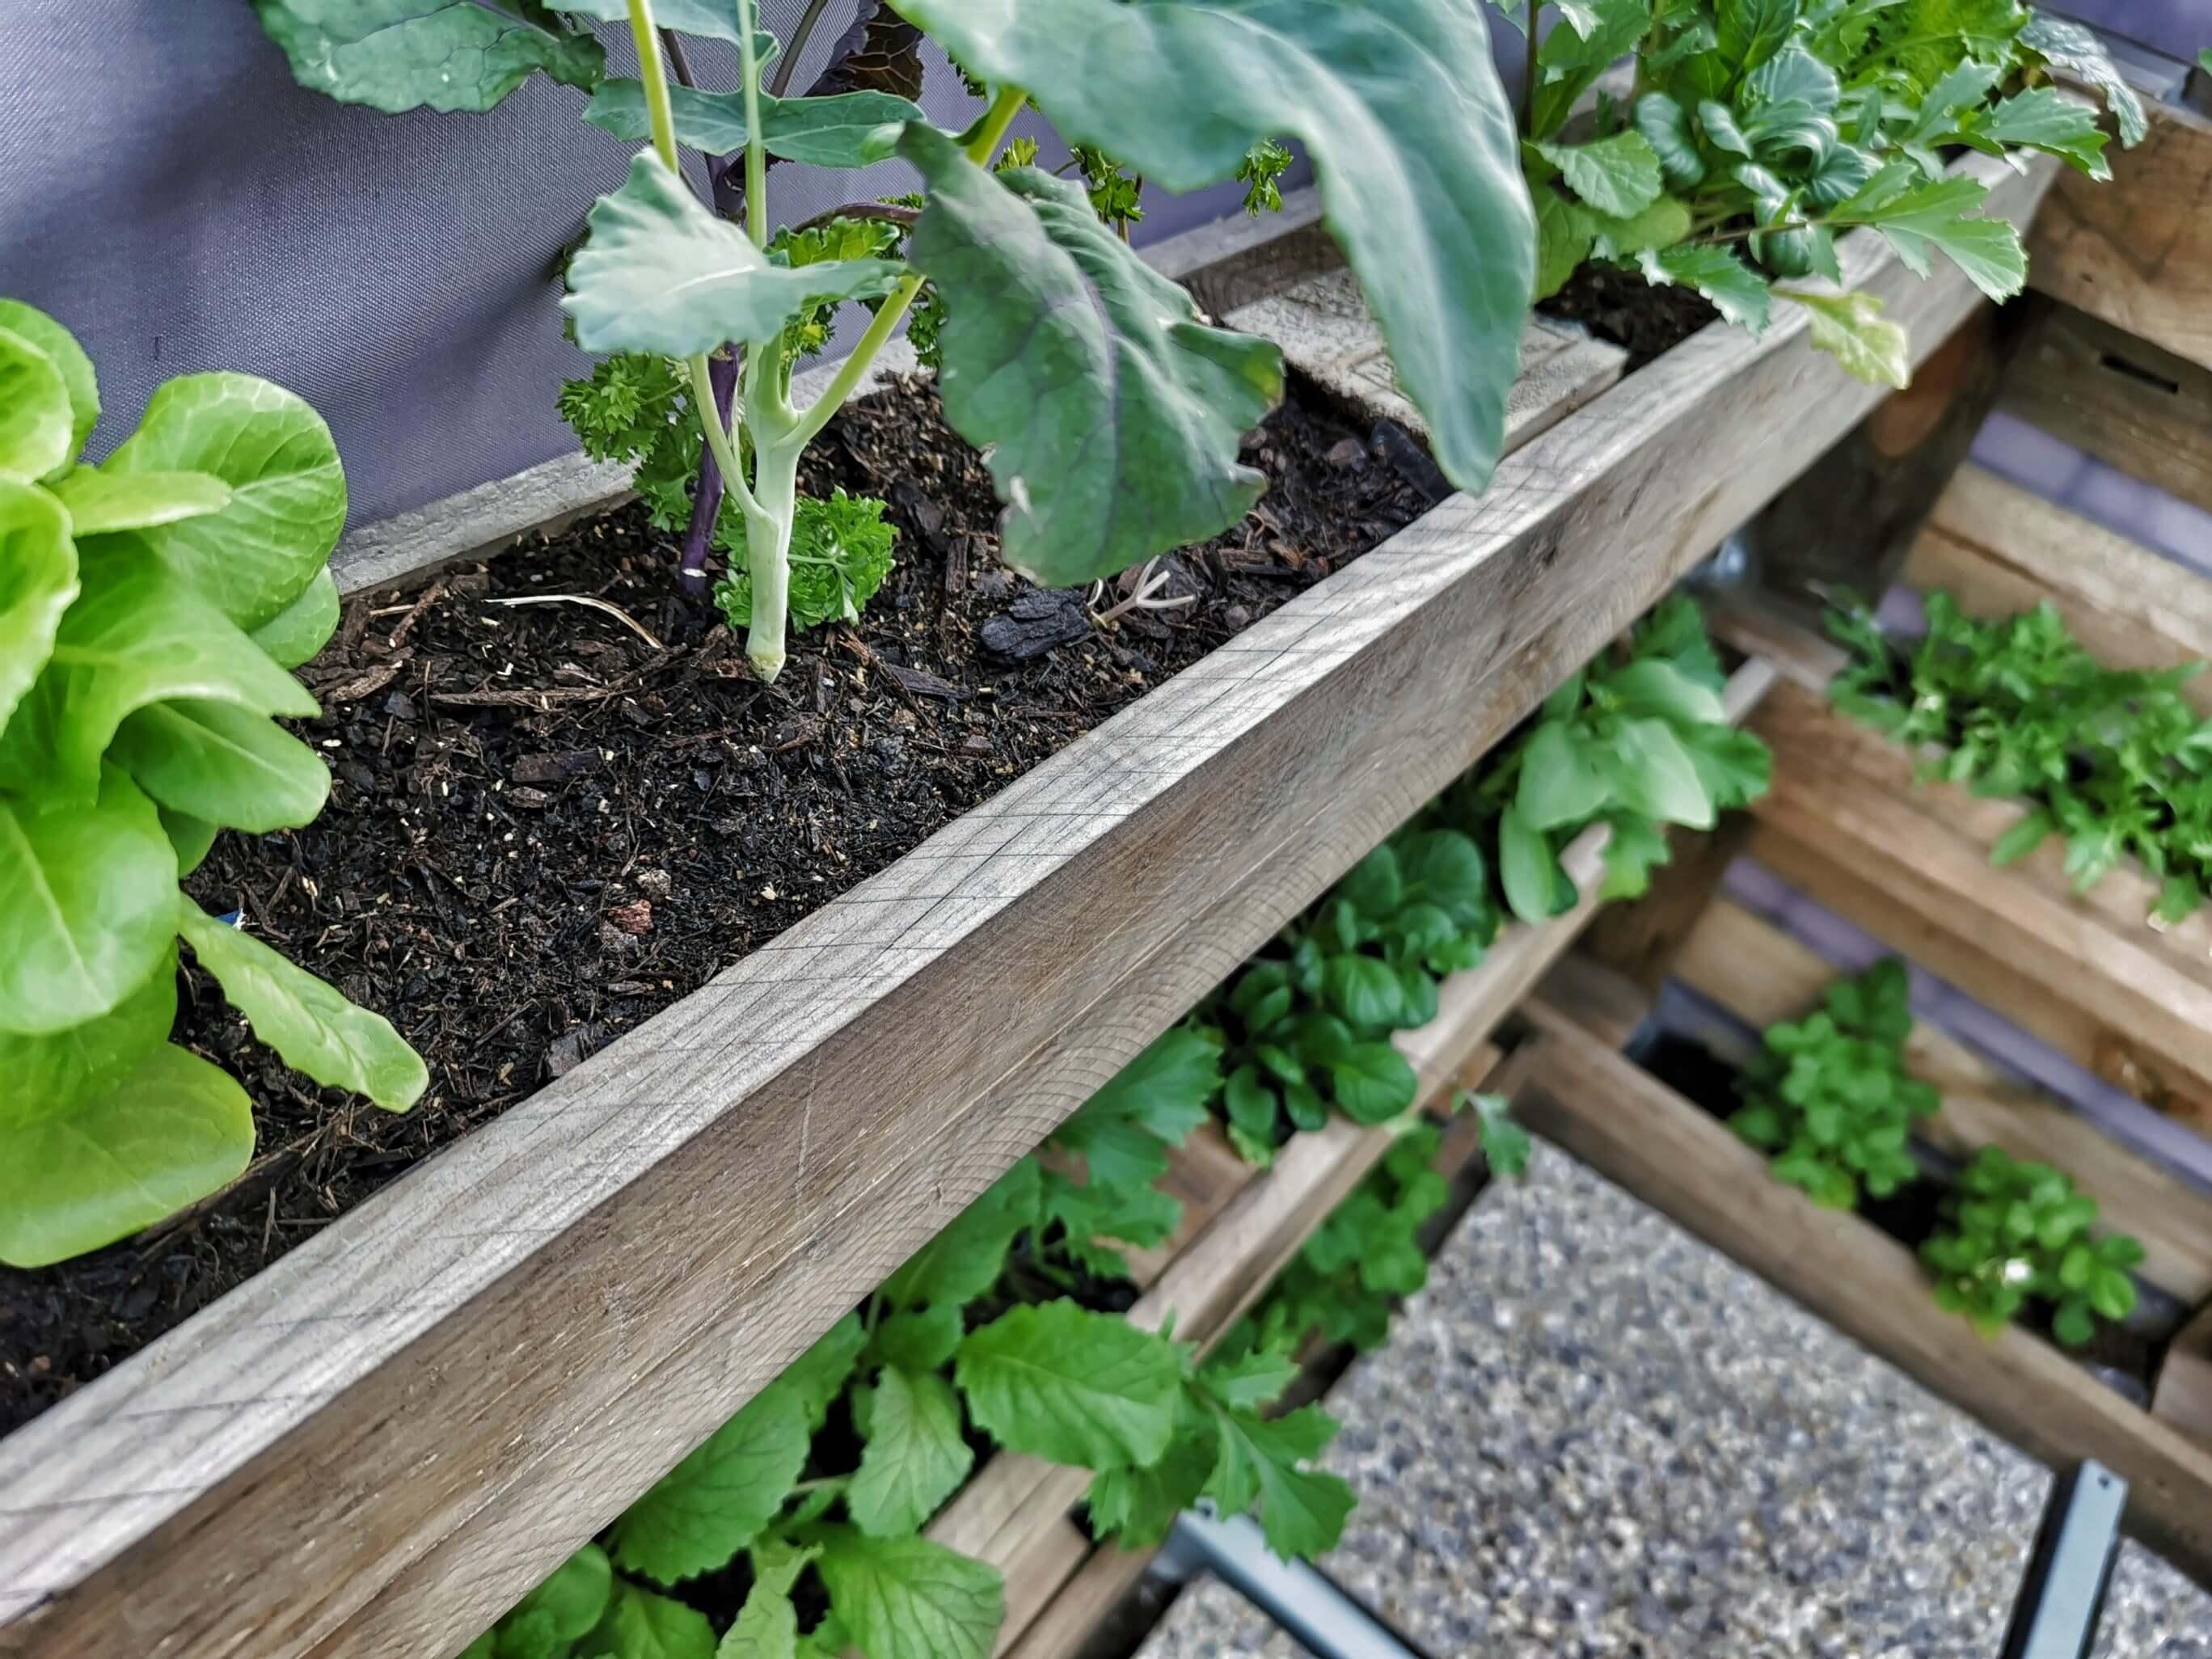 IMG 20190616 183539 02 resized 20190629 090245521 - Zaostrené na palety: Ako si vyrobiť stojan na bylinky?